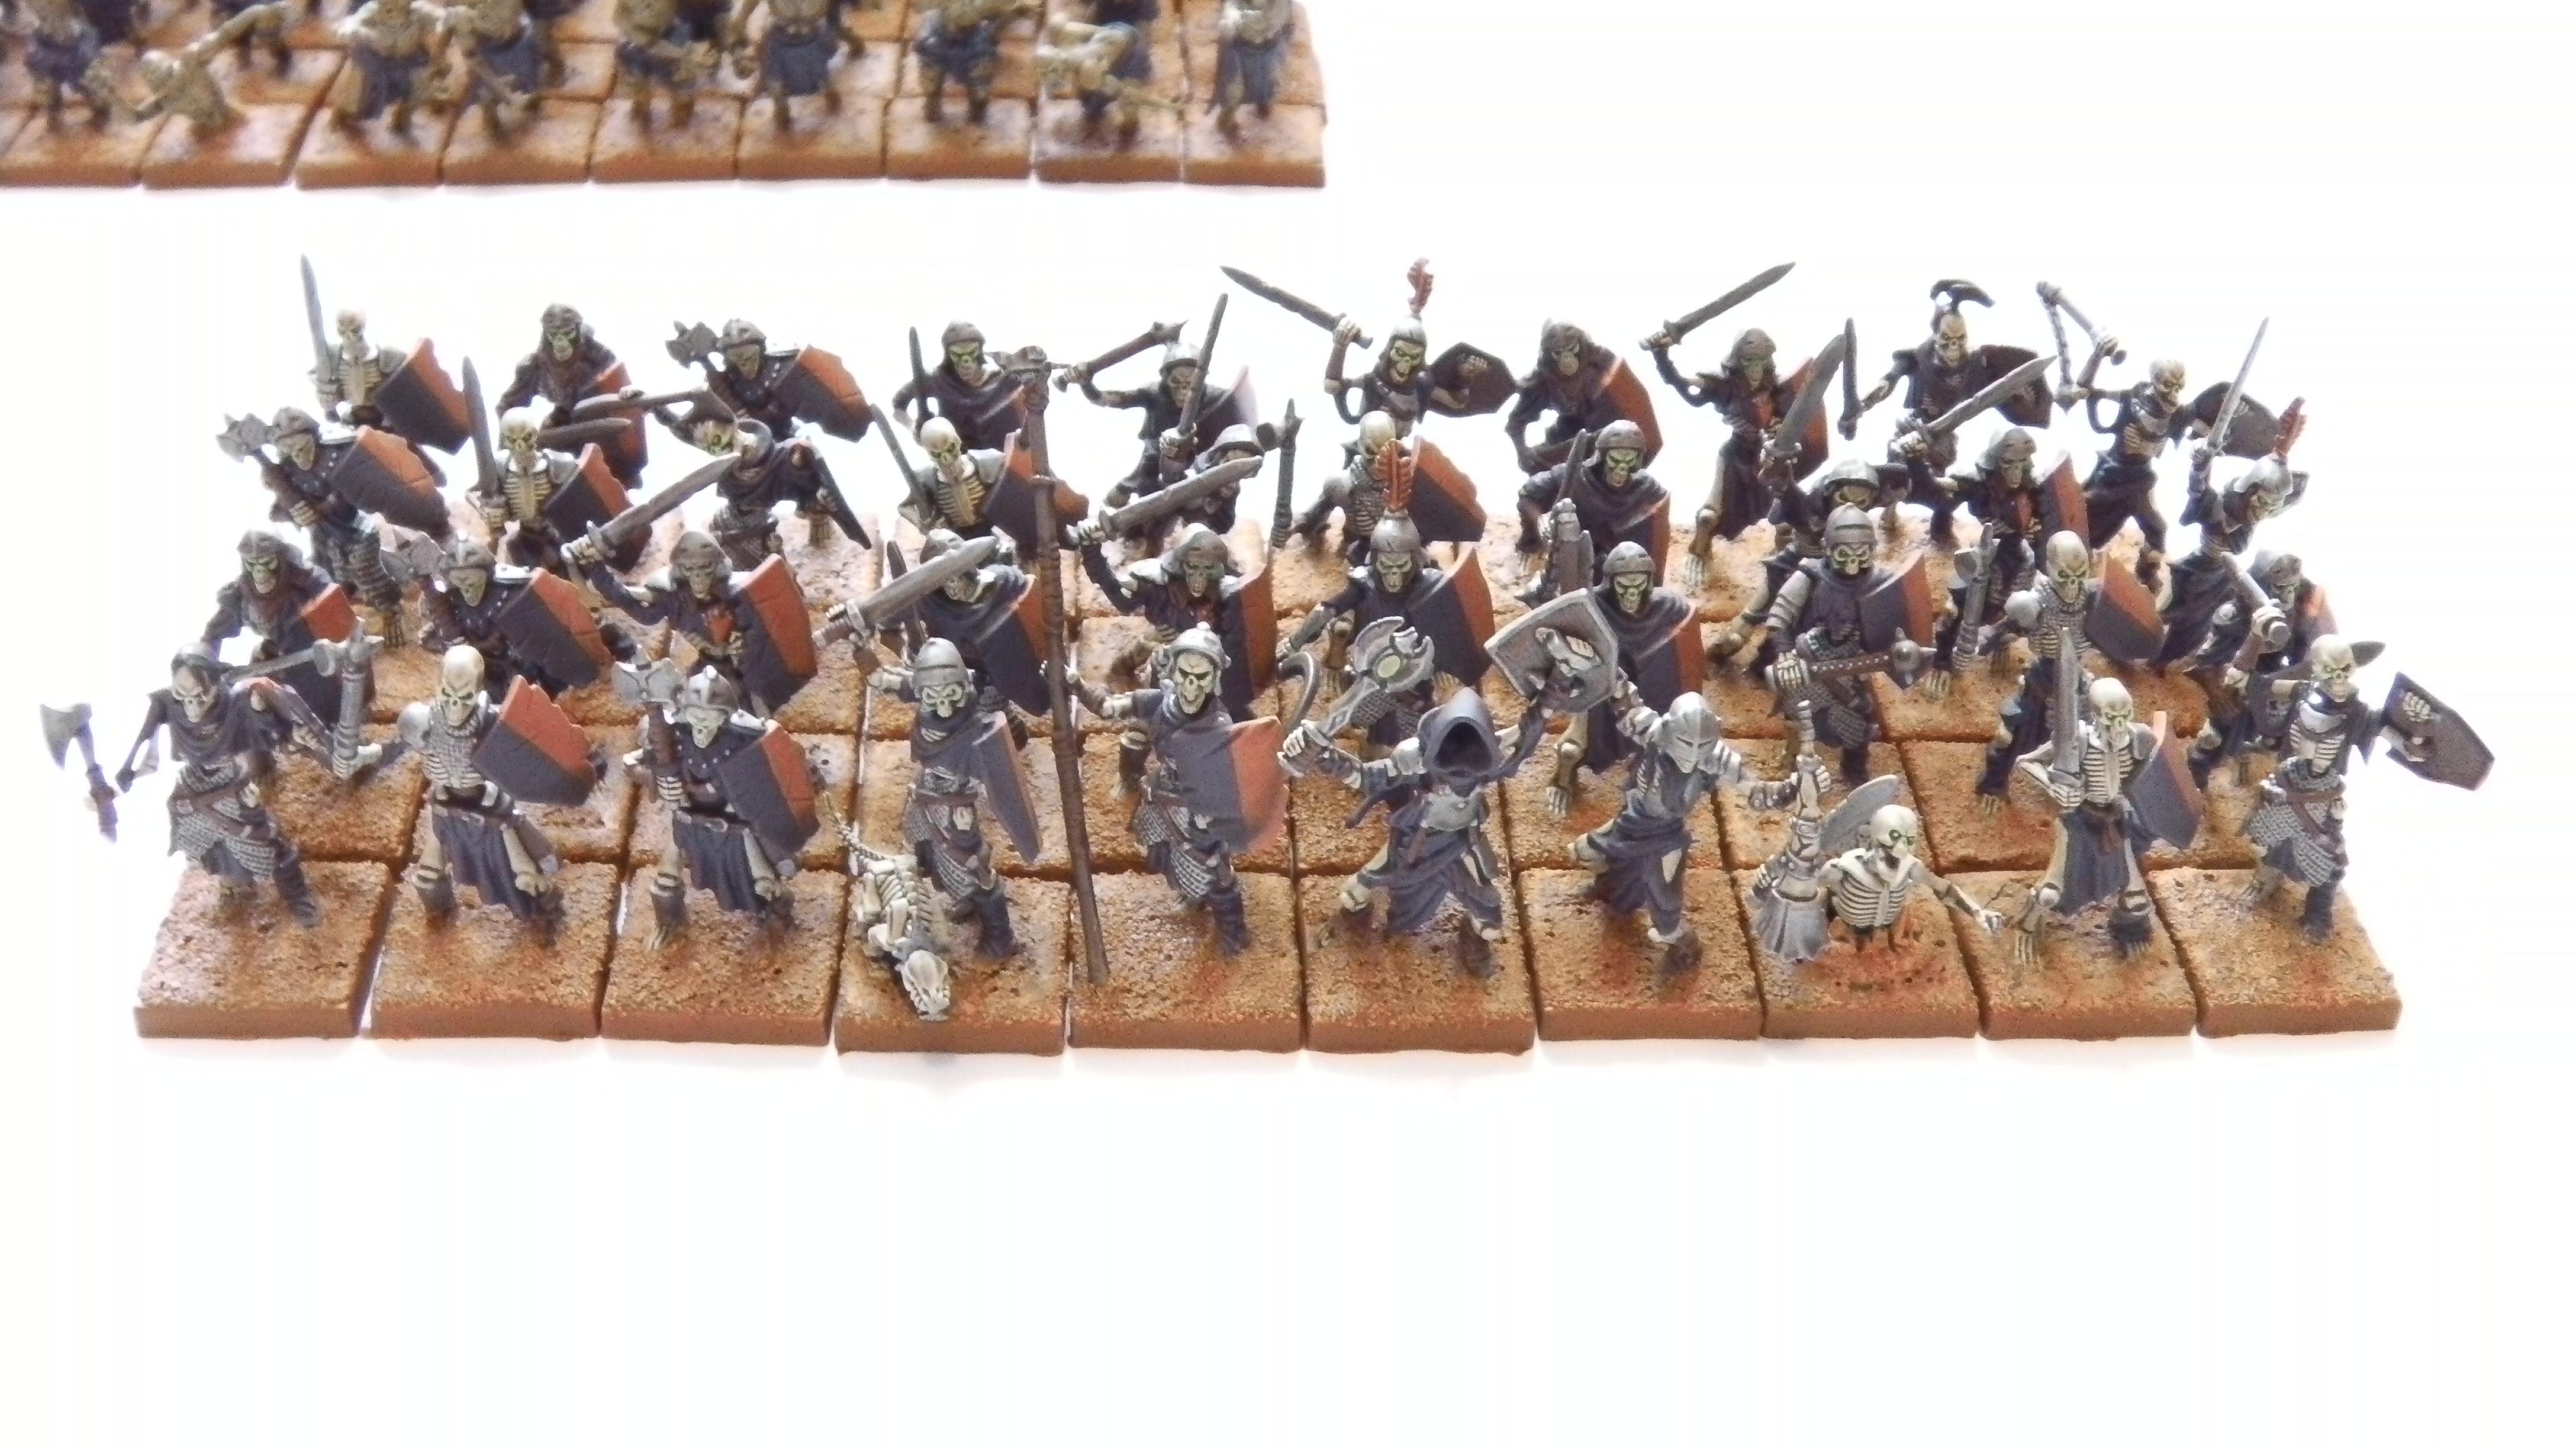 Horde, Kings Of War, Mantic Games, Skeletons, Undead